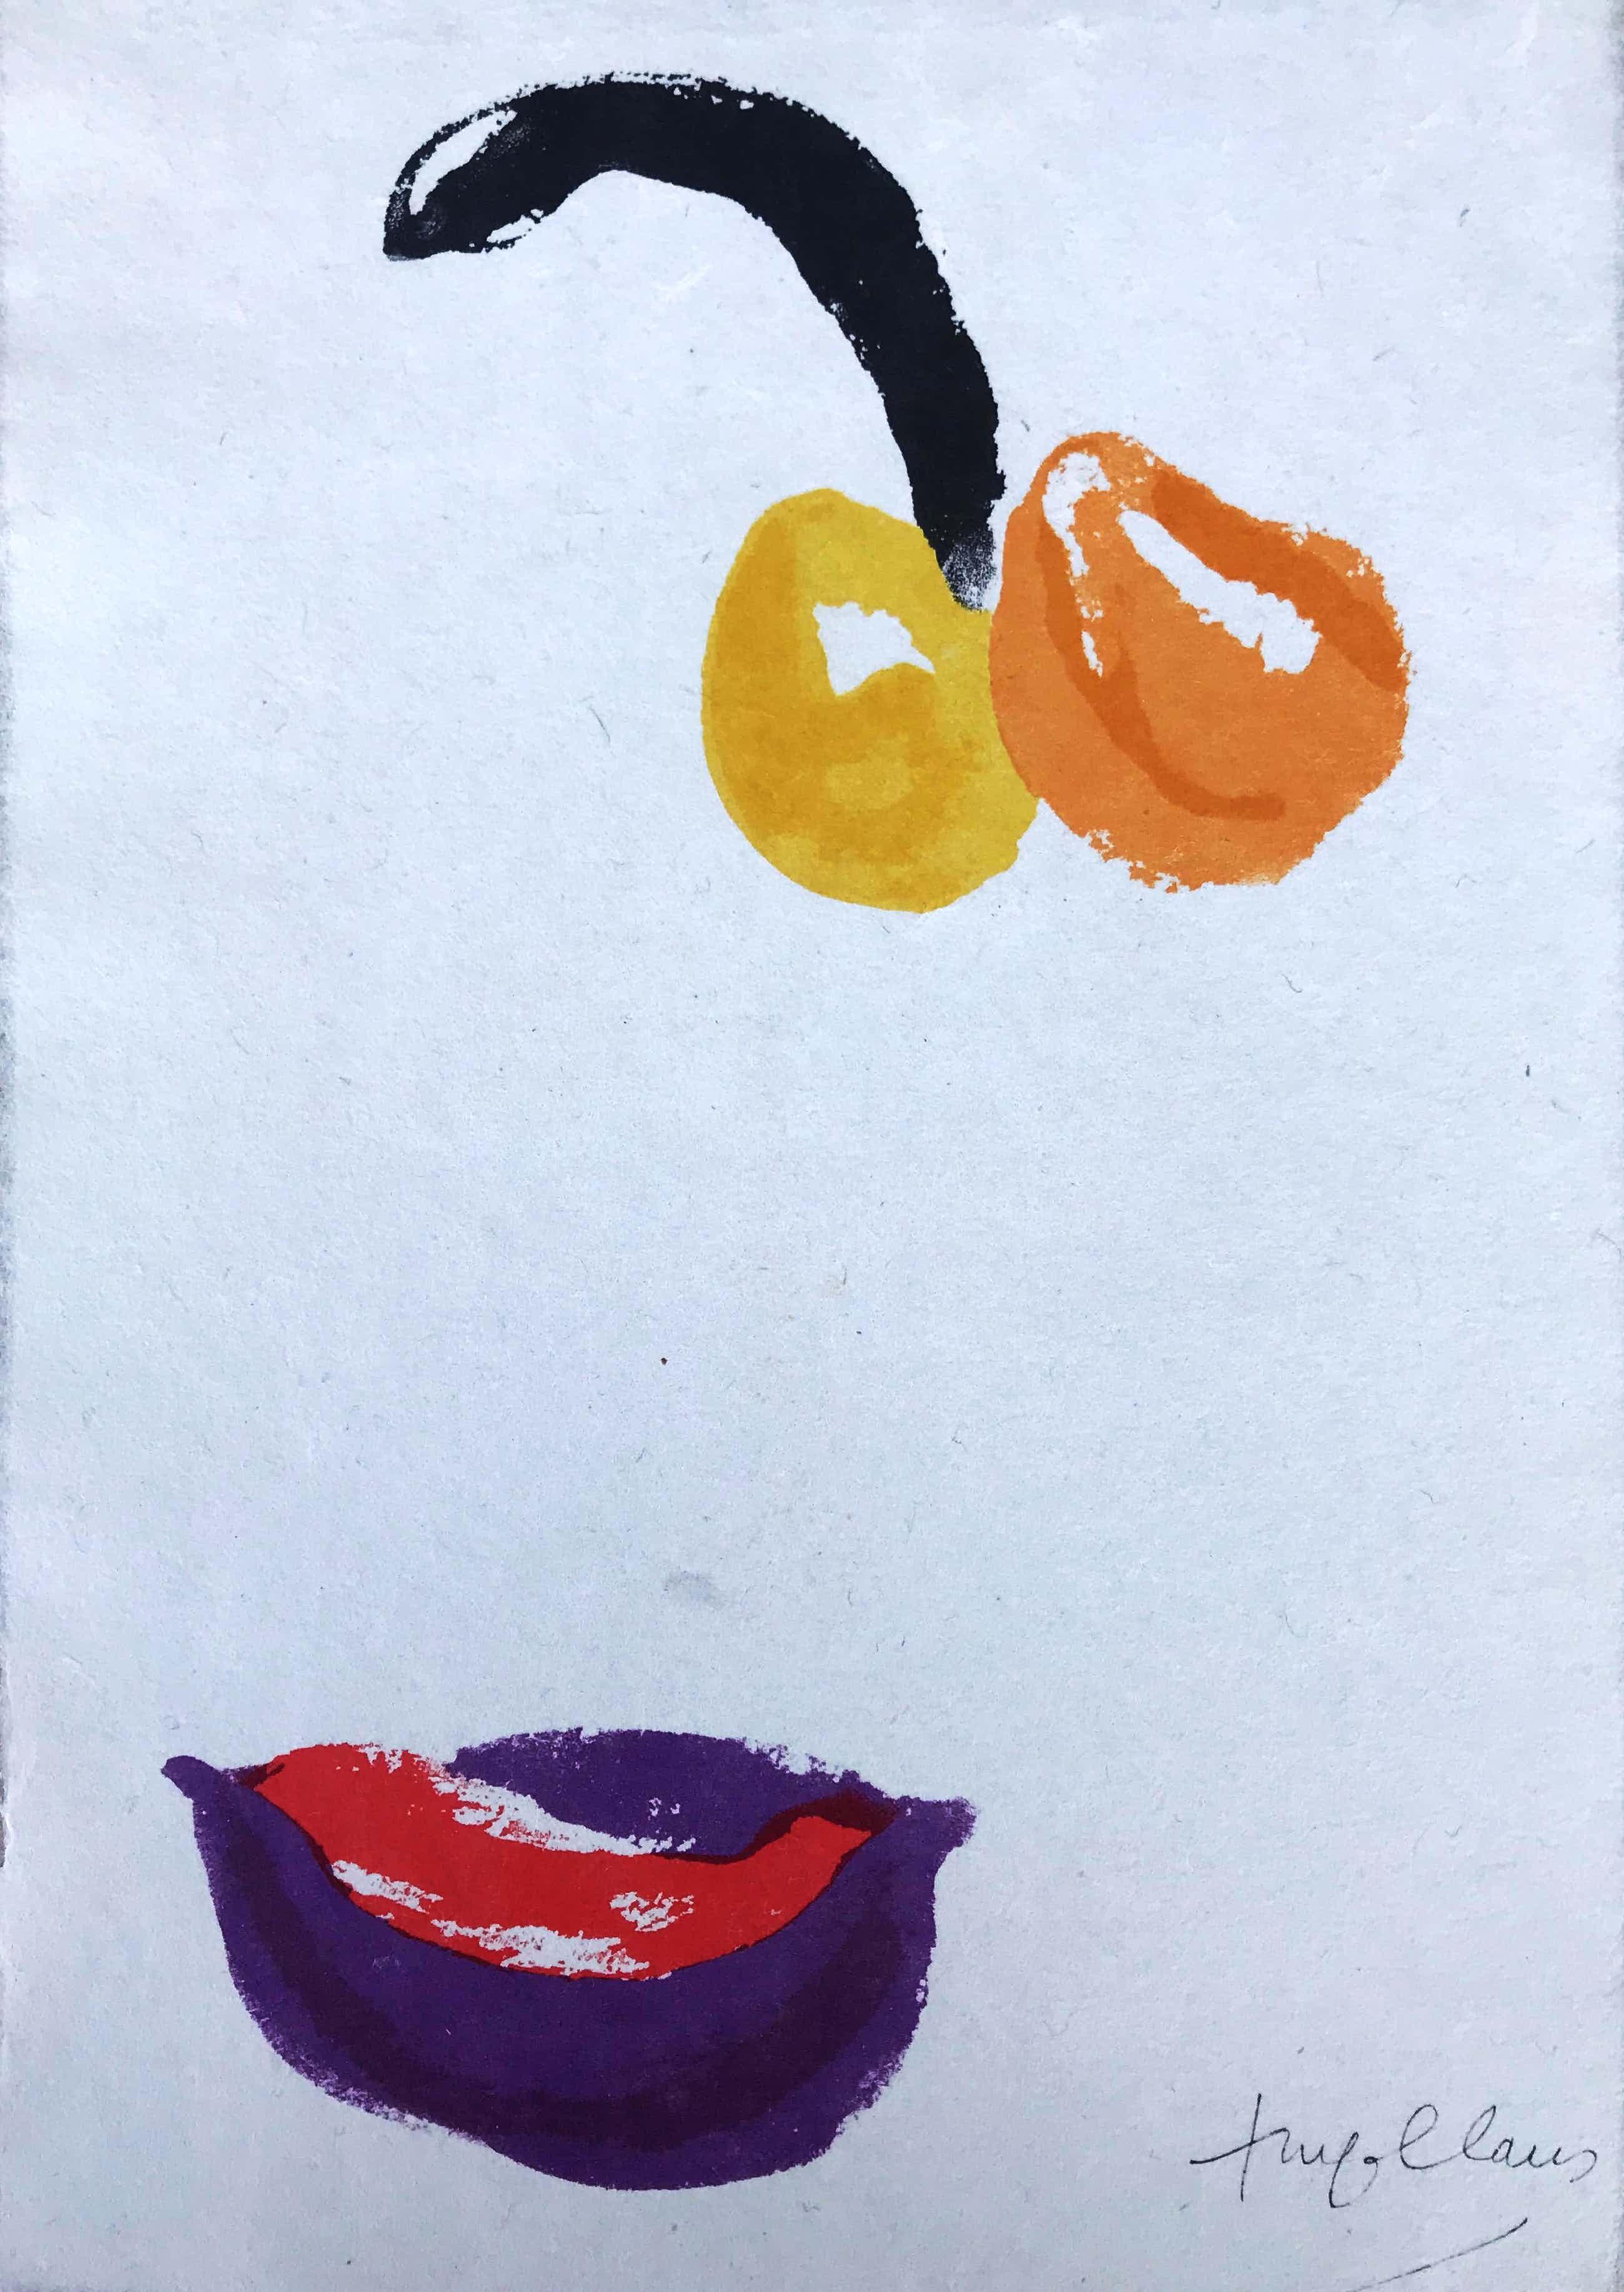 Hugo Claus - Mooie kleurenlitho/Offset - 'Van de zinnen en de vruchten' - Beperkte Oplage kopen? Bied vanaf 75!